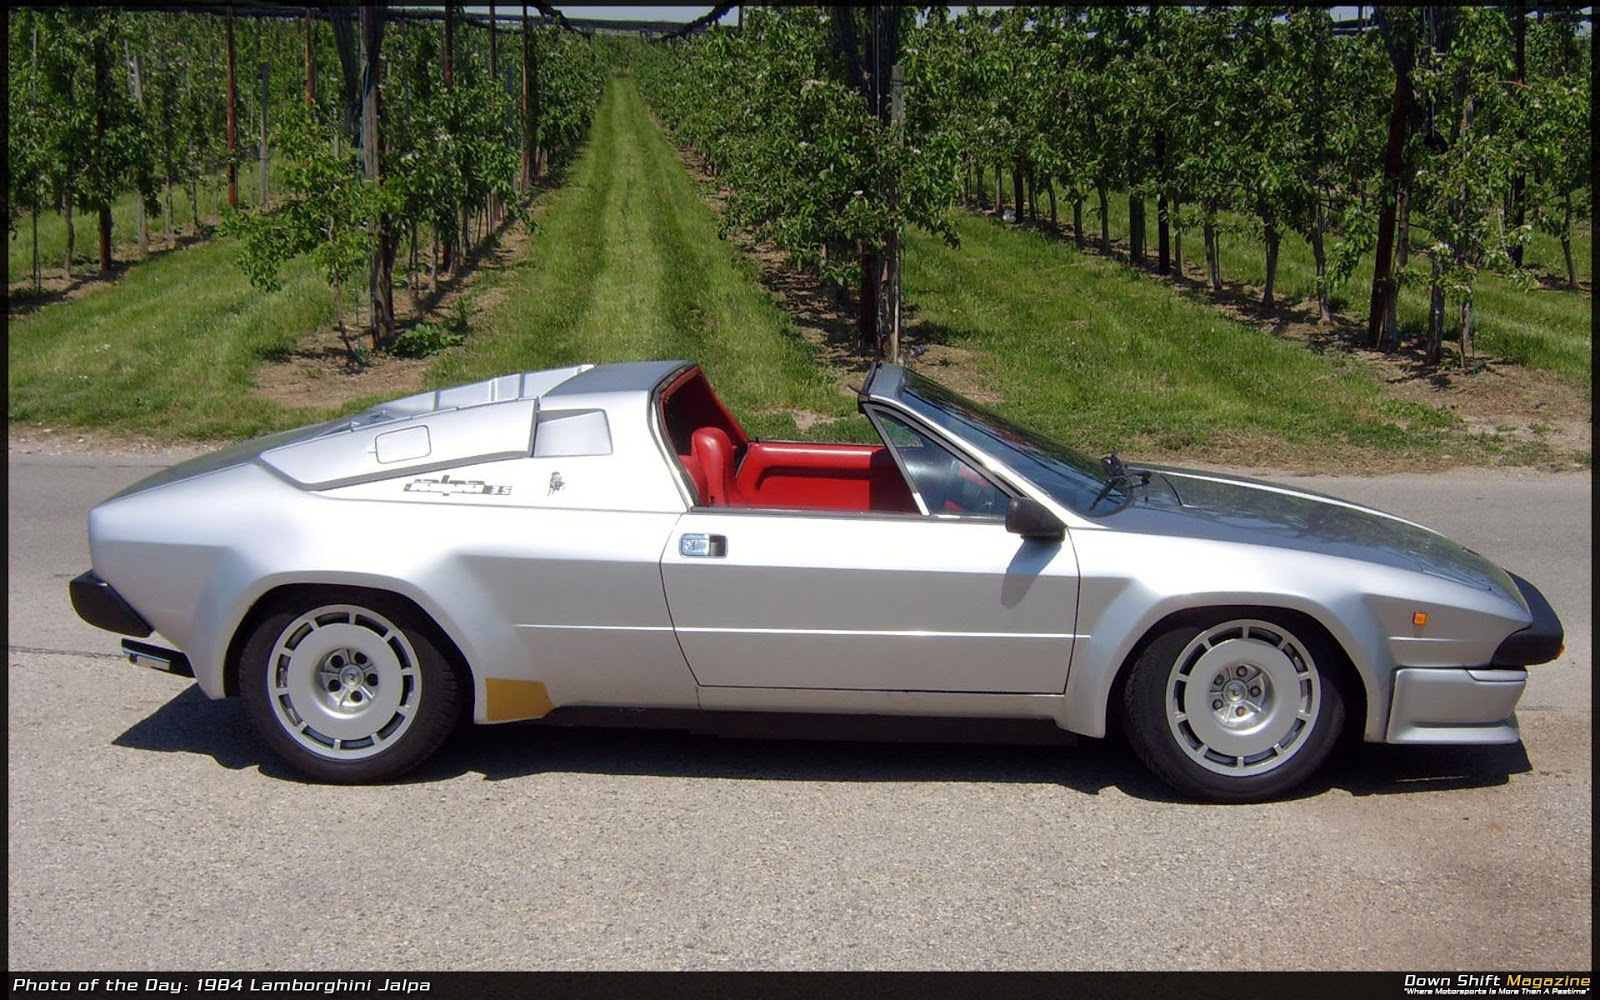 Lamborghini Sesto Elemento Wallpaper Hd Luxury Lamborghini Cars Lamborghini Jalpa